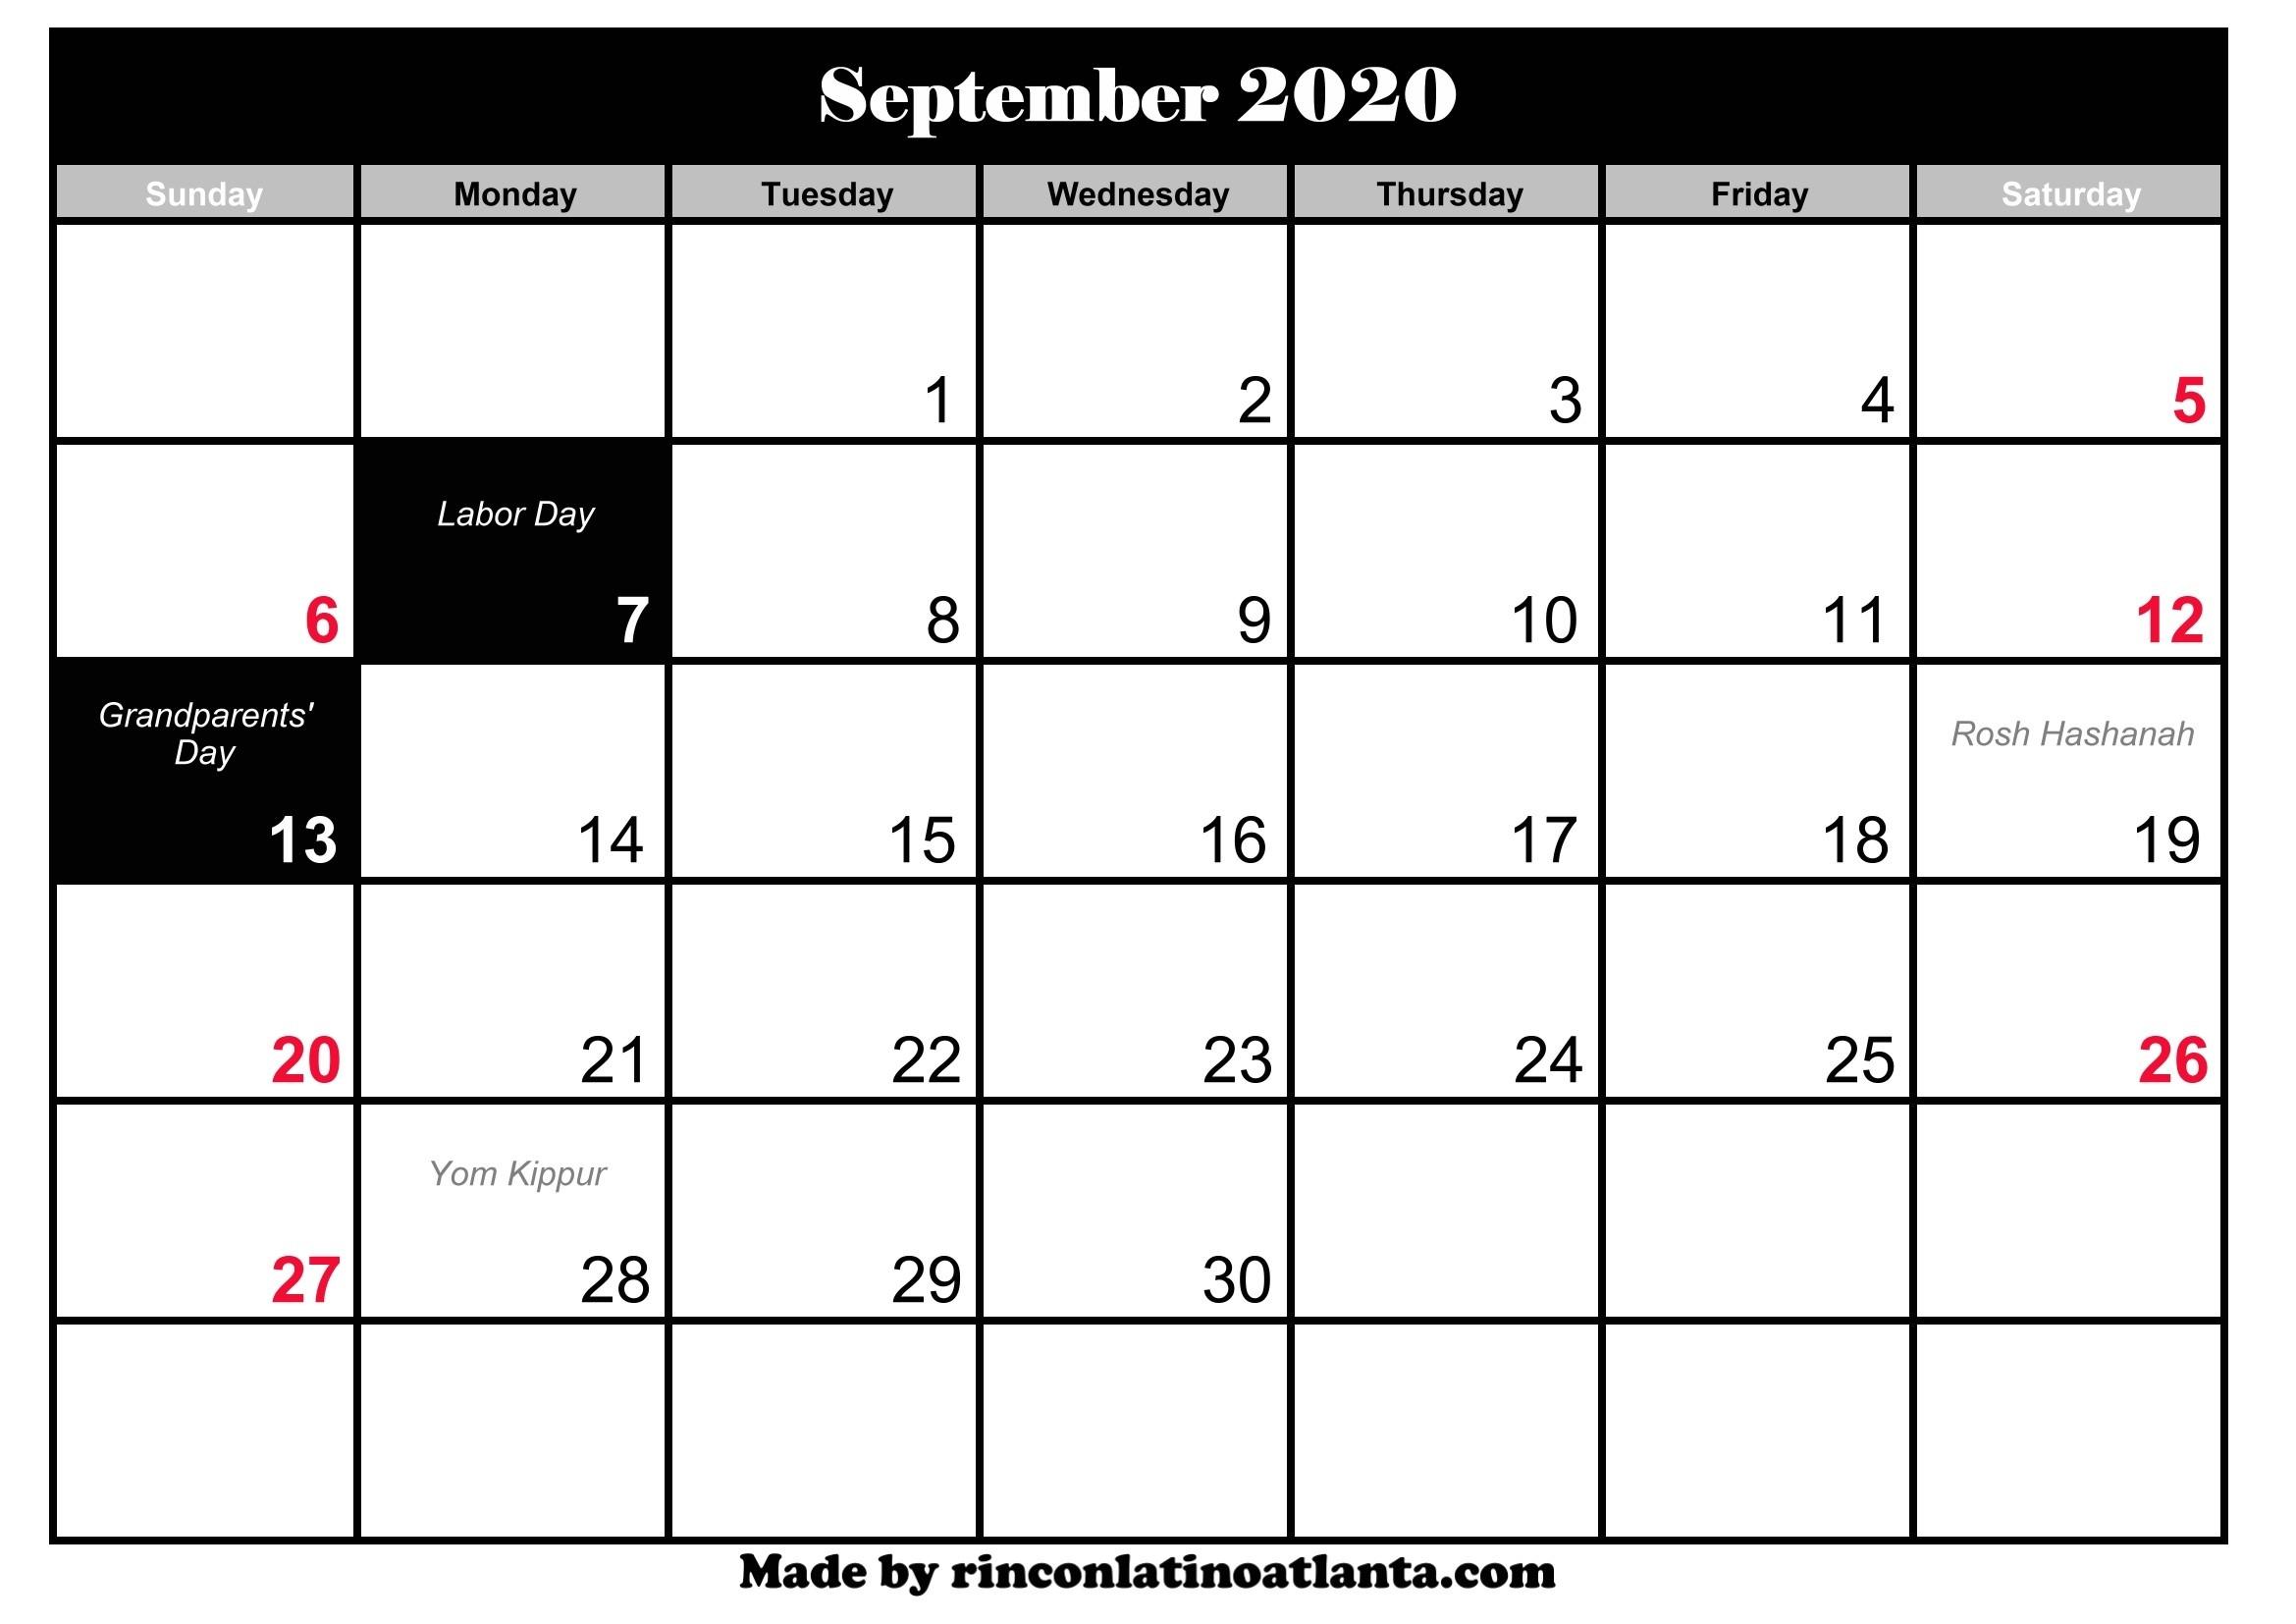 September 2020 Calendar With Holidays | Calendar Template-2020 Calendar With Holidays